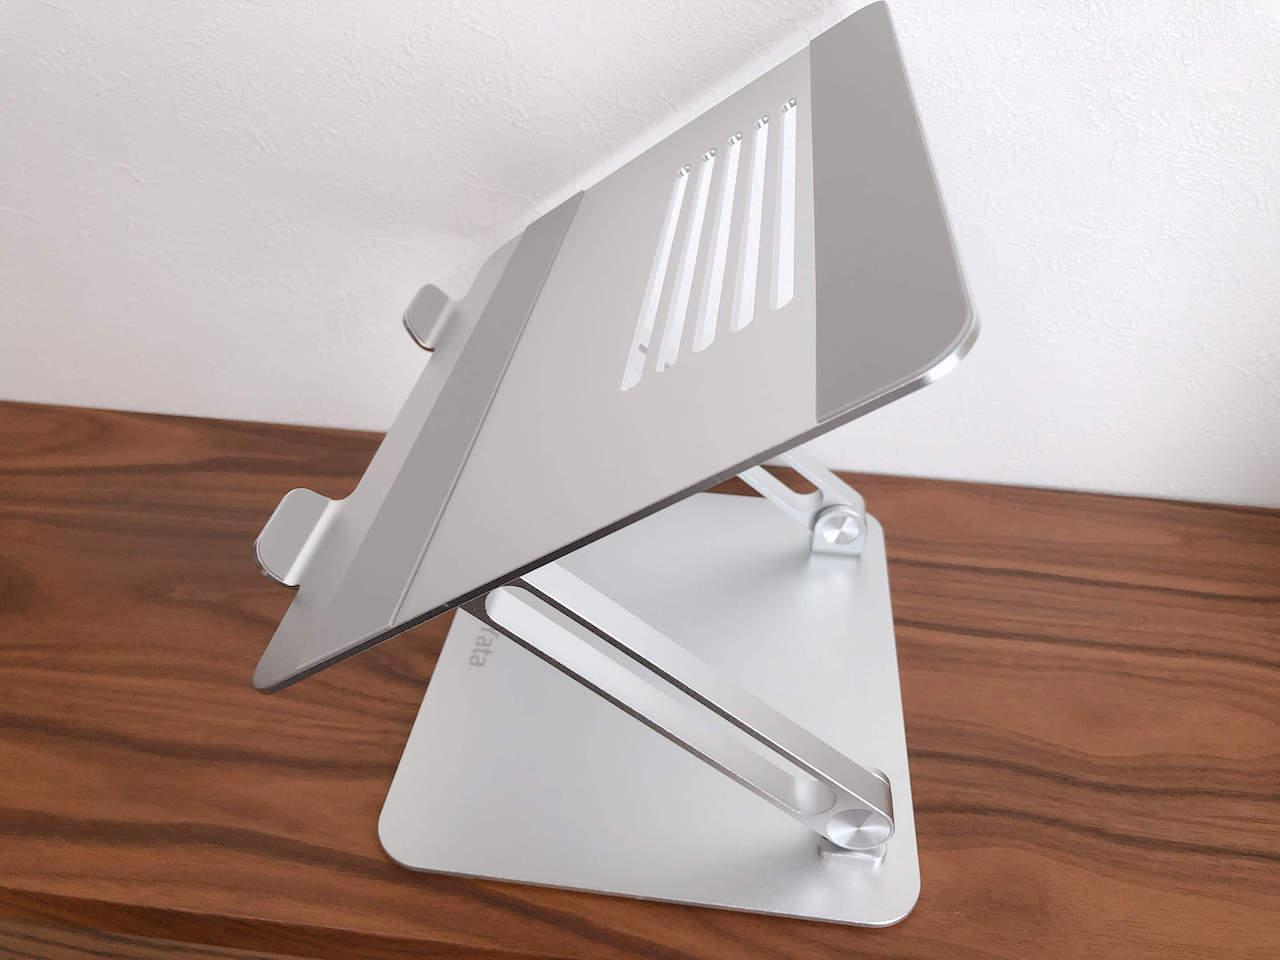 BoYataのラップトップスタンドを設置したところの写真です。